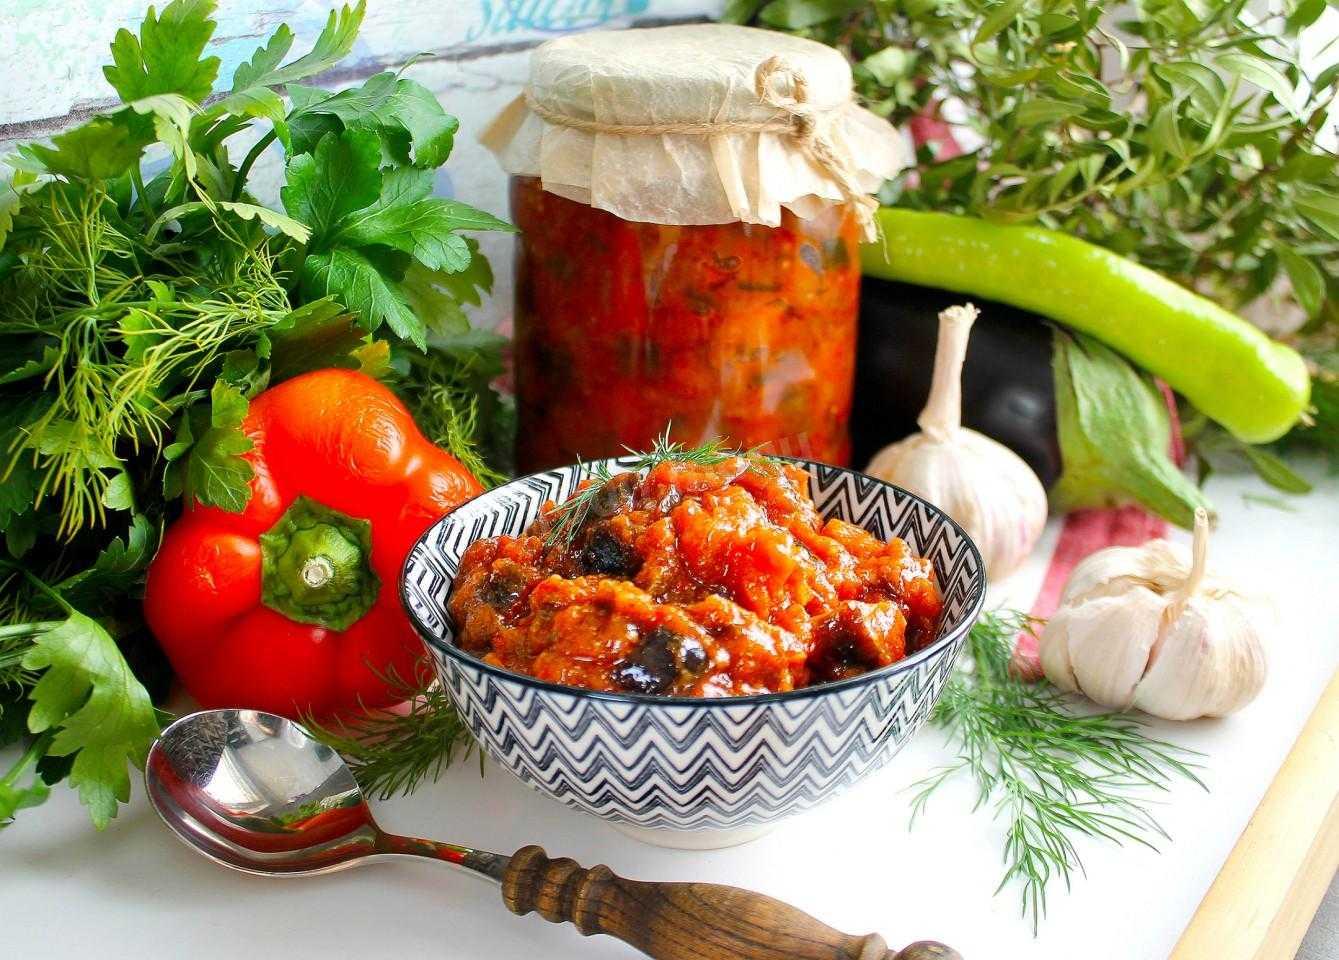 Как приготовить по-грузински баклажаны на зиму: рецепты приготовления синеньких по-грузински, полезные советы